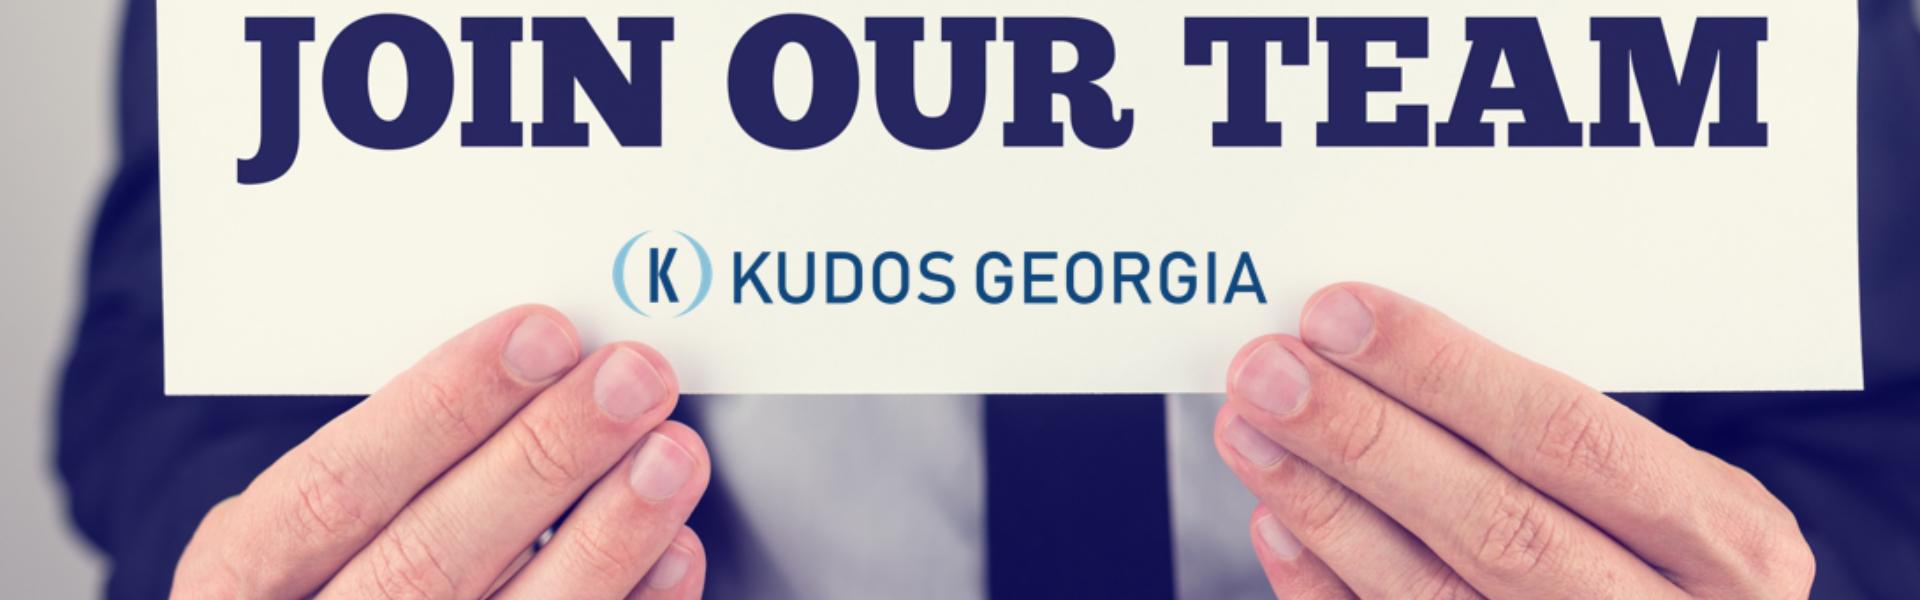 Join-Our-Team-Kudos-Georgia